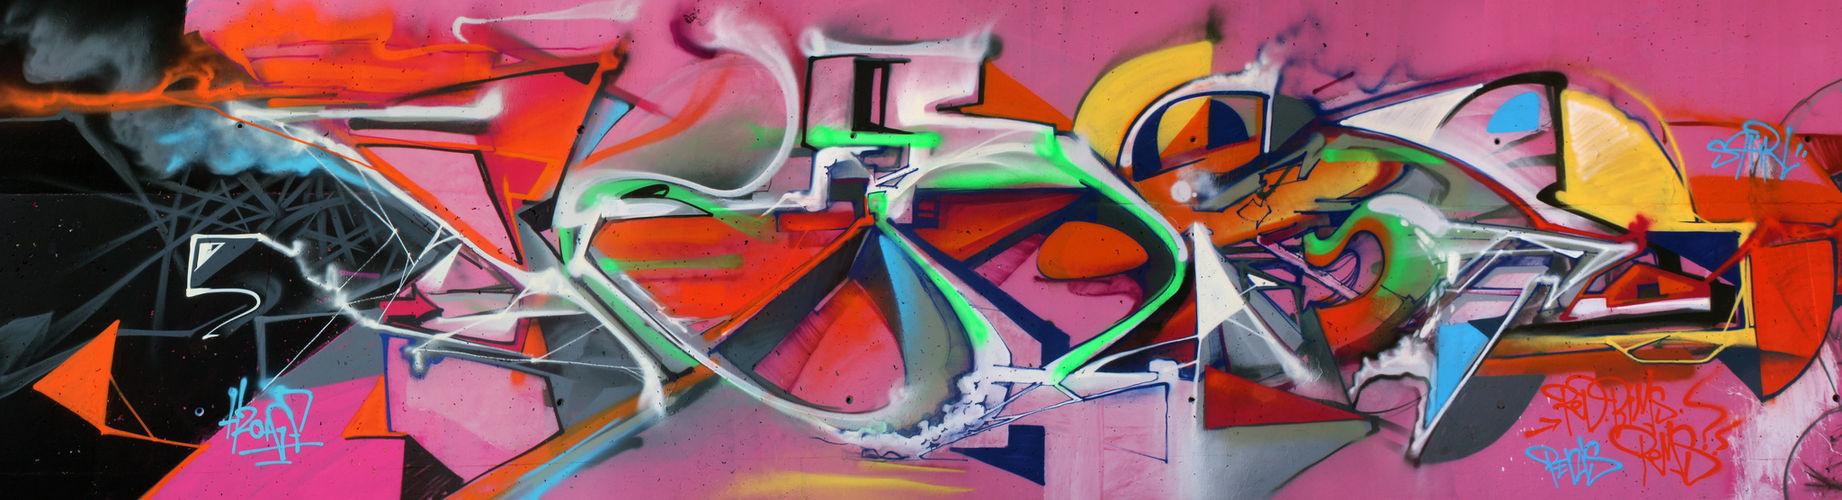 Artwork By Redone in La Ciotat